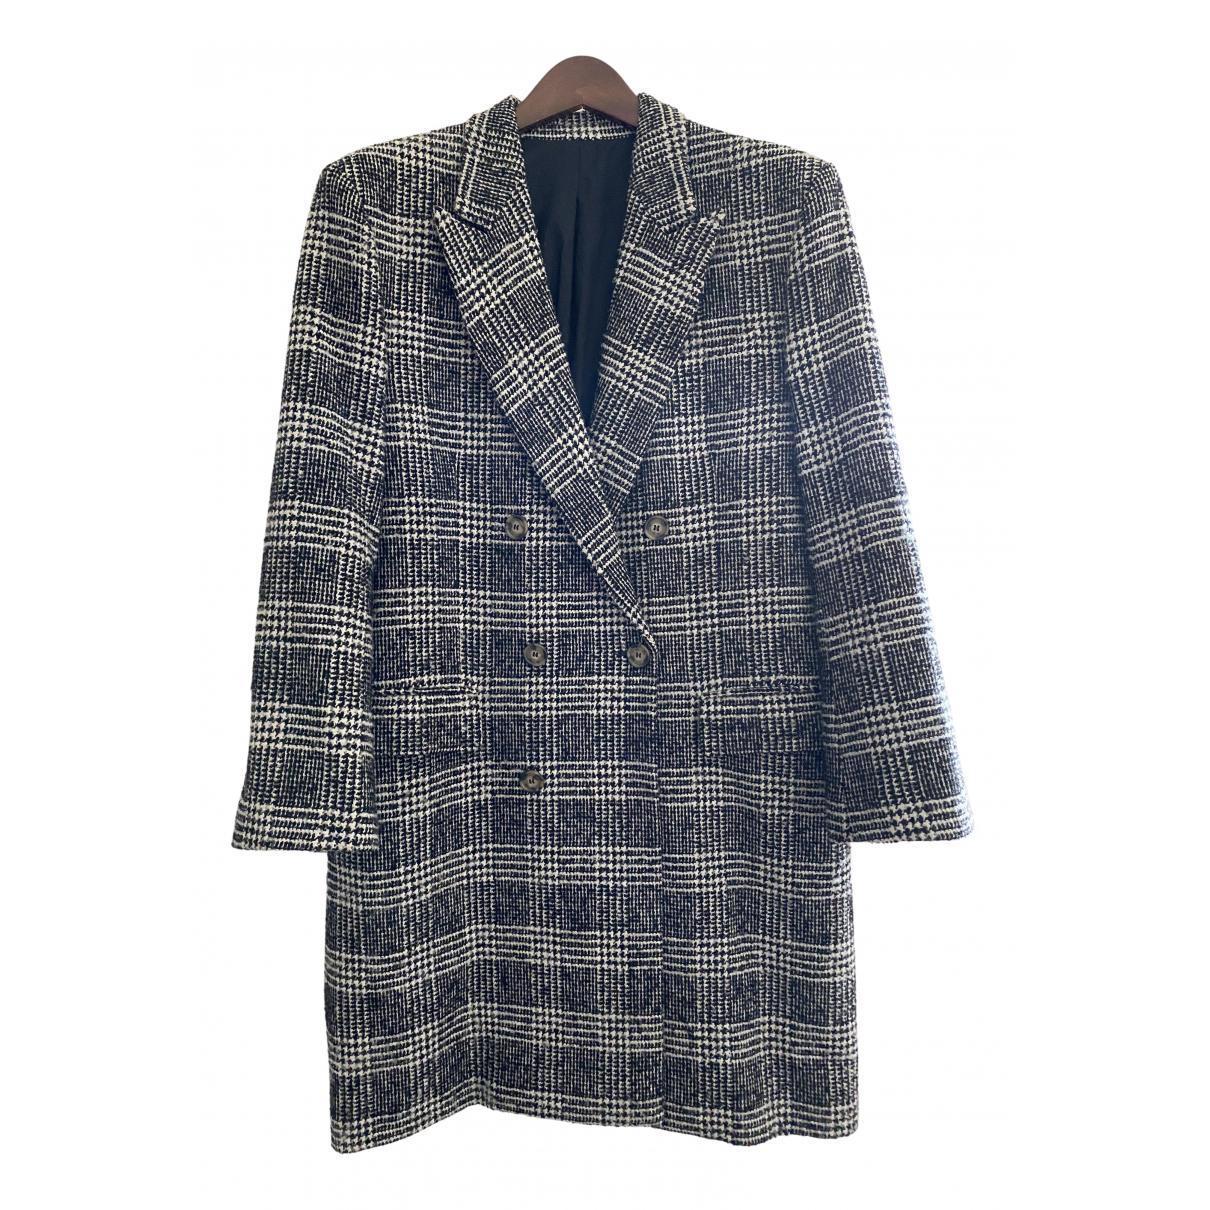 Ami - Vestes.Blousons   pour homme en laine - gris